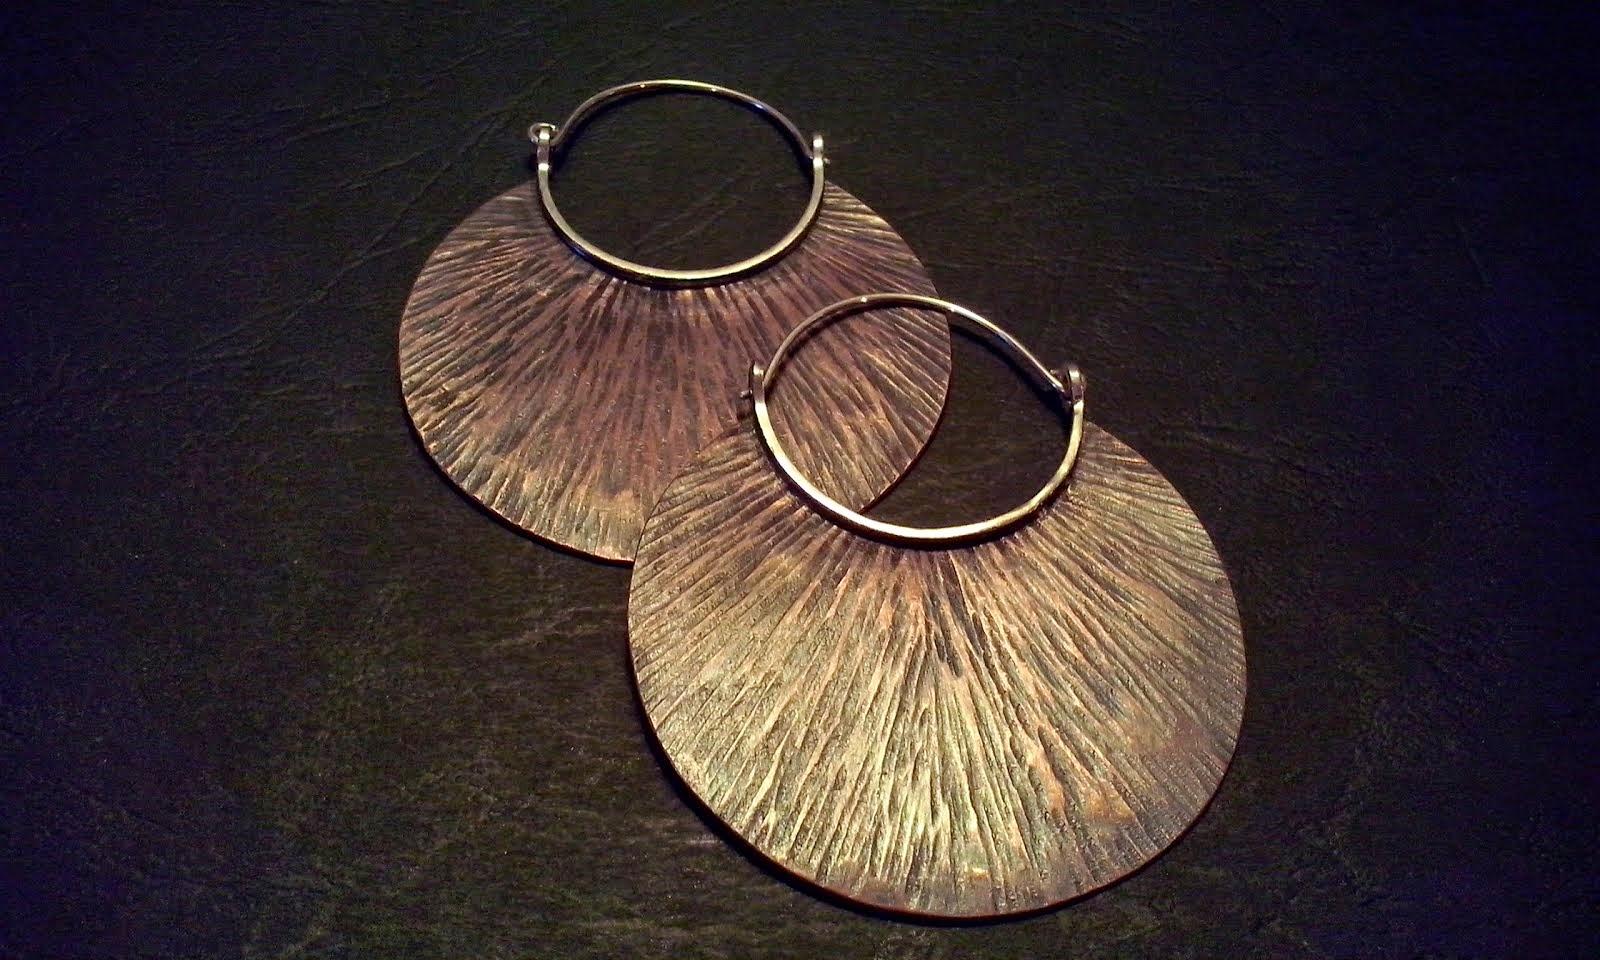 Aros cobre texturado y envejecido, plata (305)